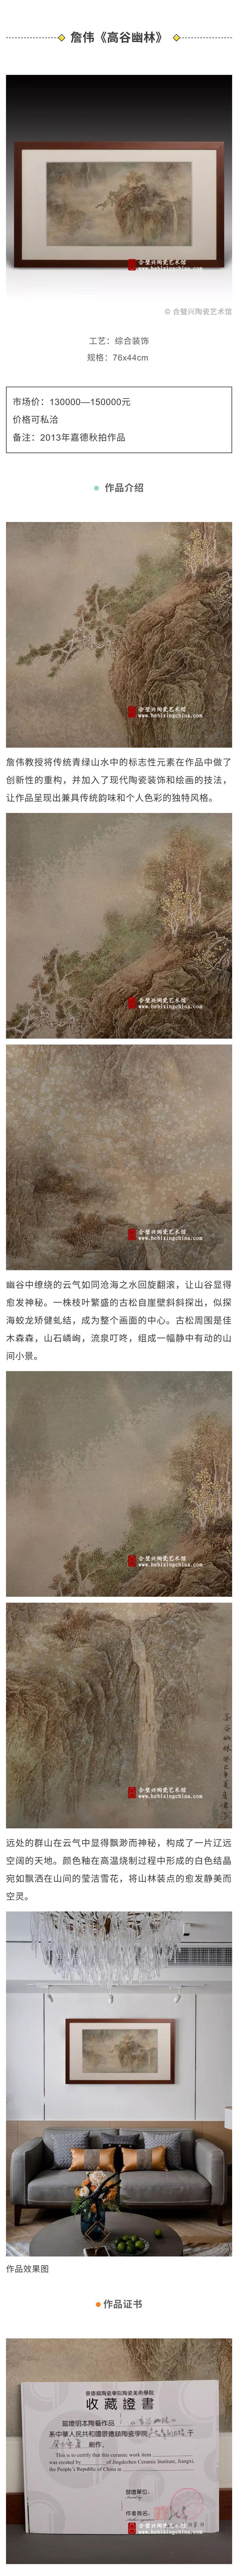 3詹伟-高谷幽林-小.jpg